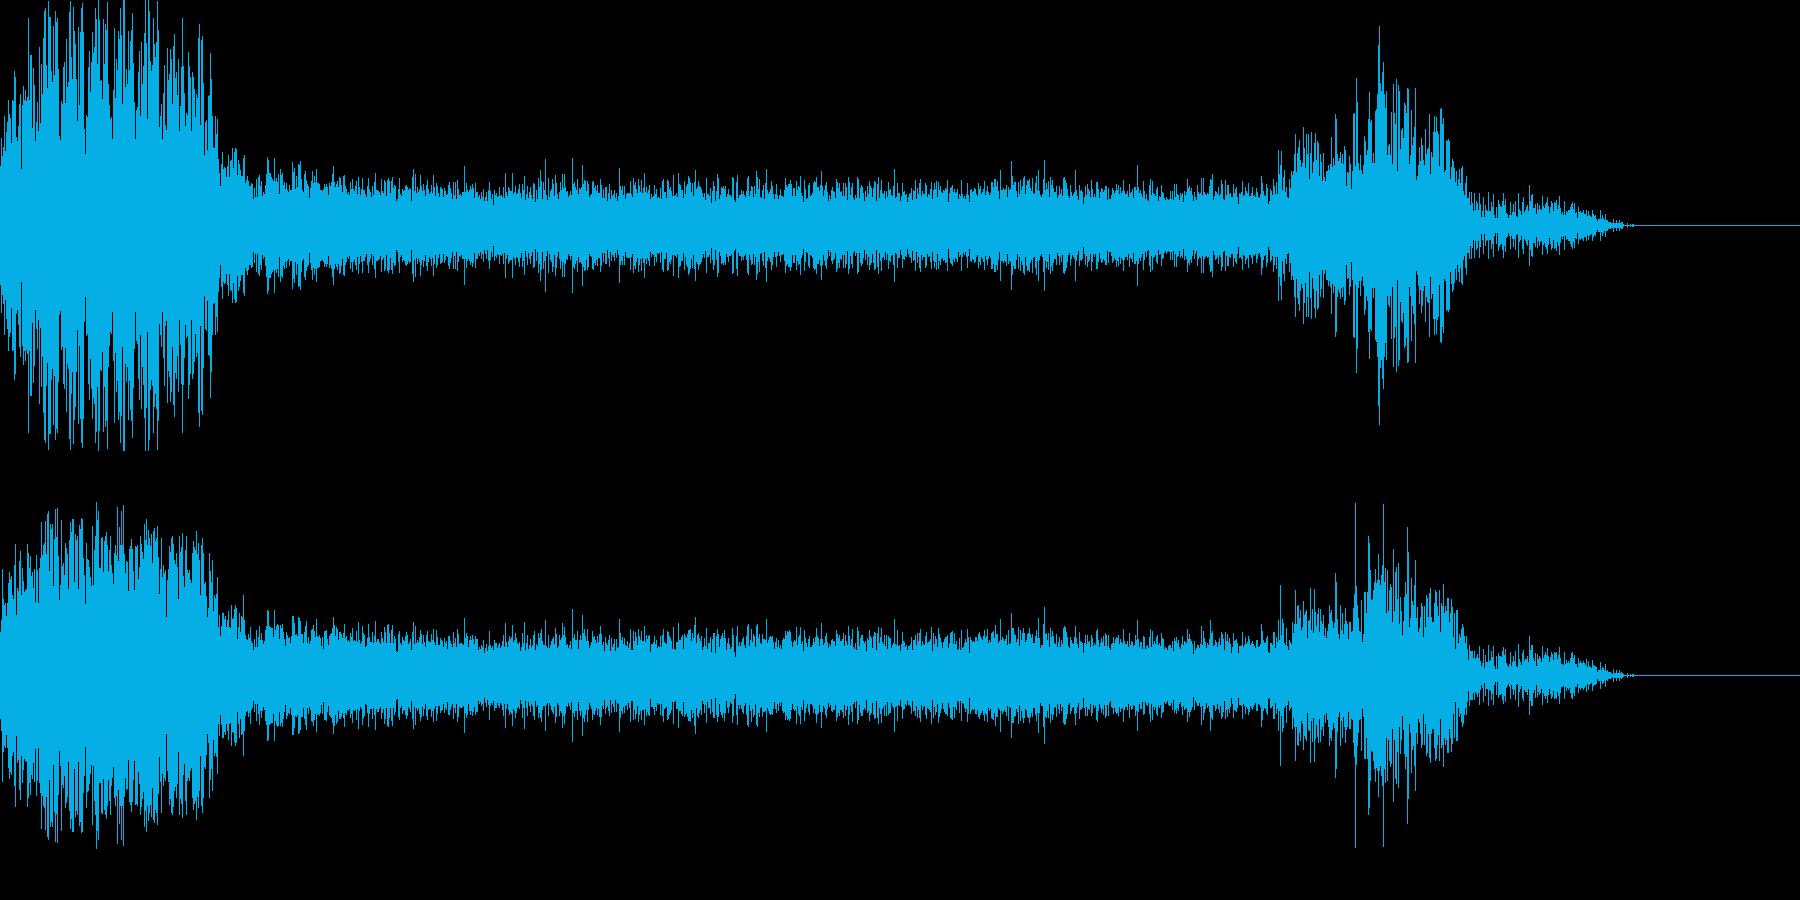 壊れかけた機械が動作を停止する音の再生済みの波形